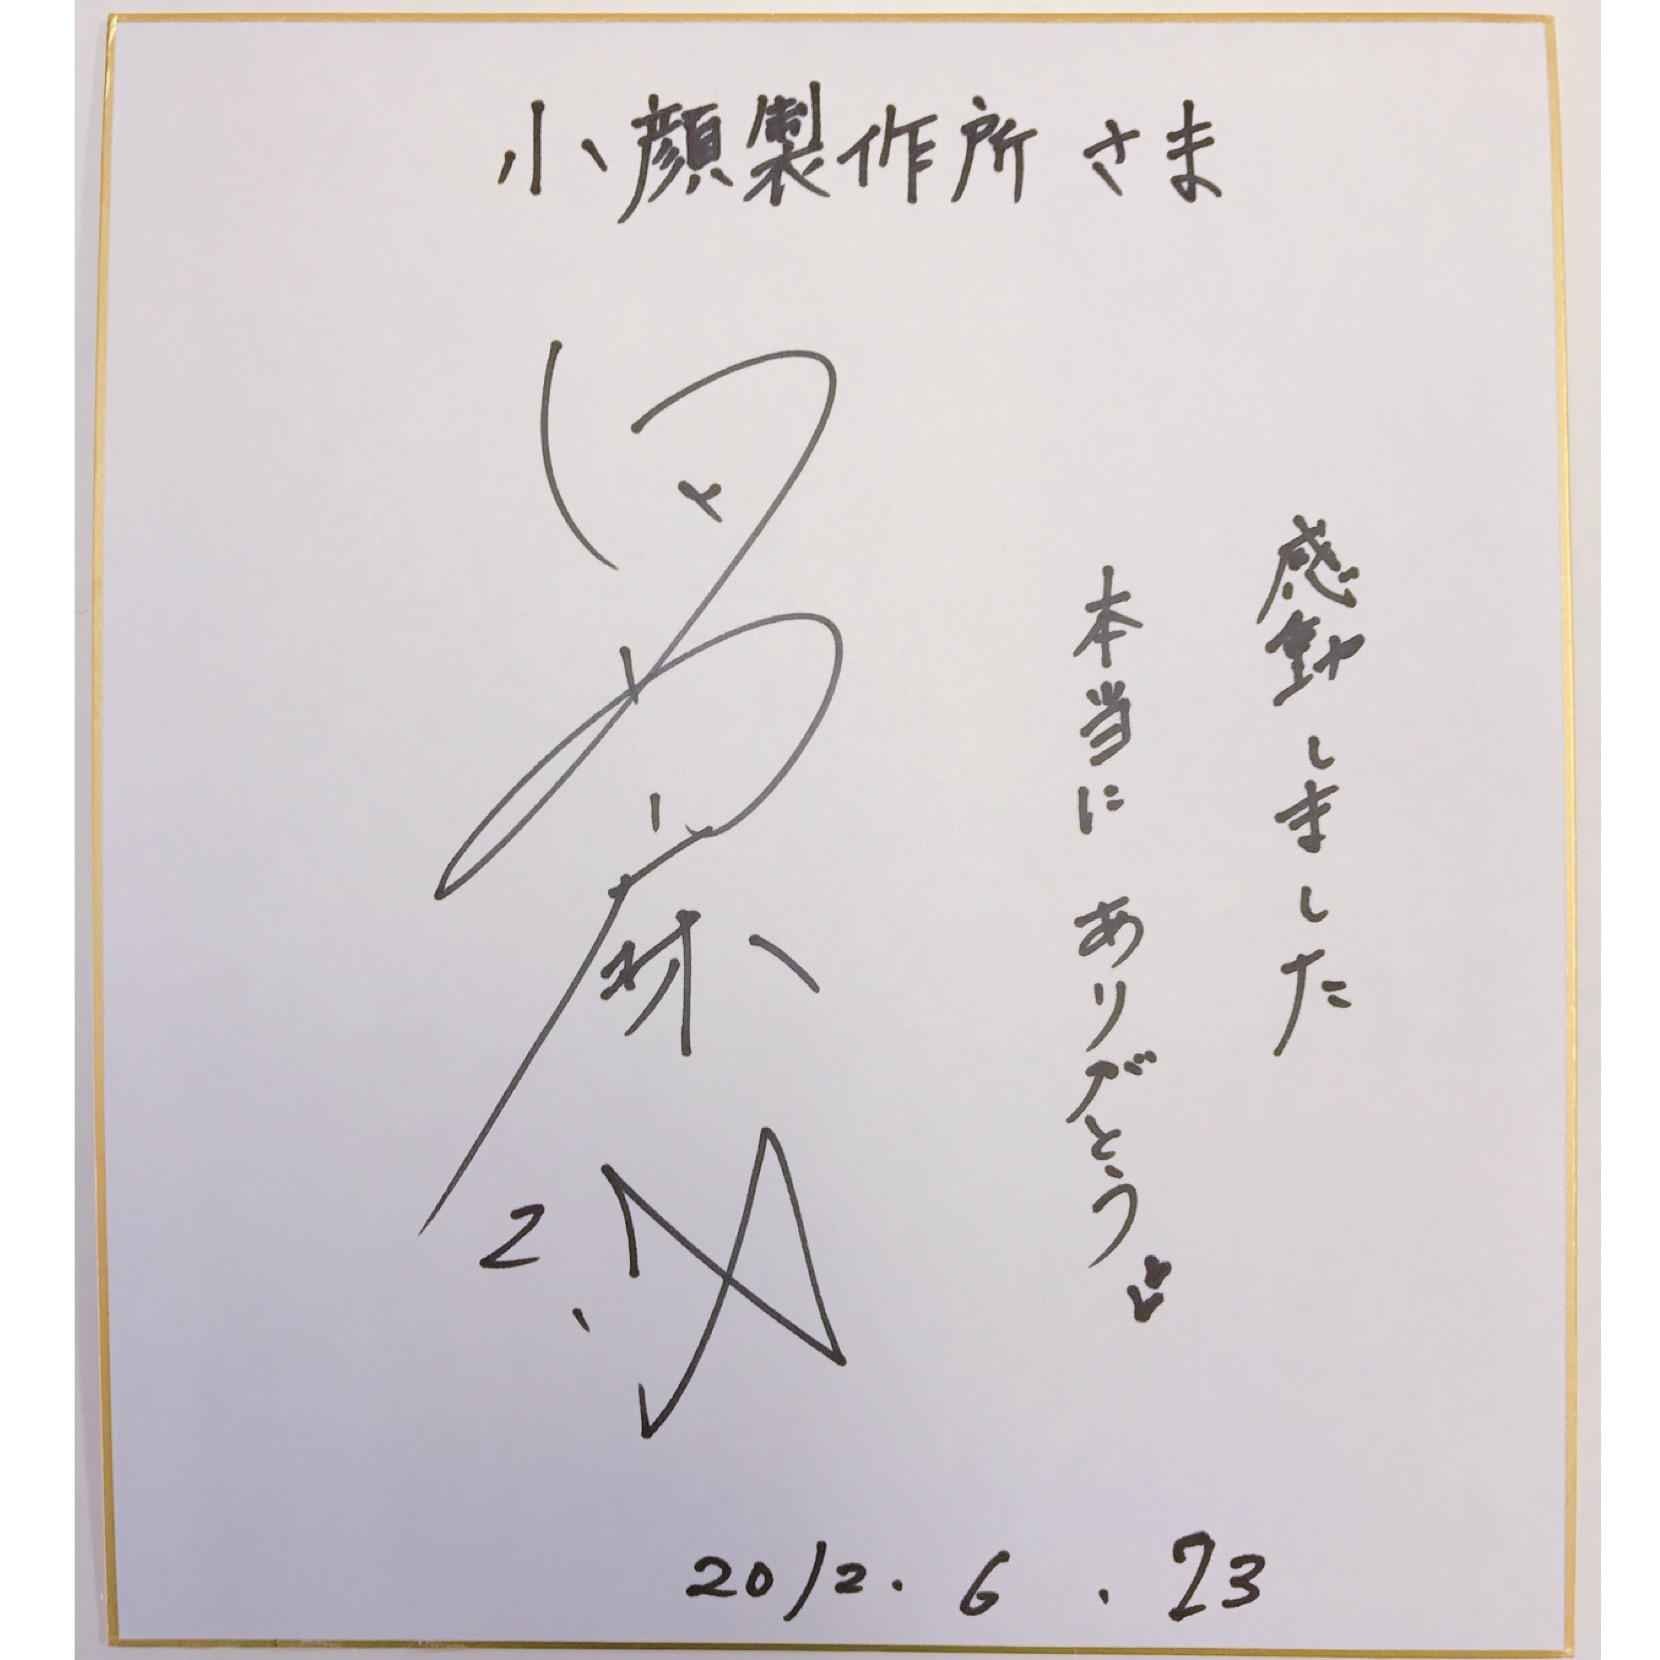 田丸麻紀 様(モデル)